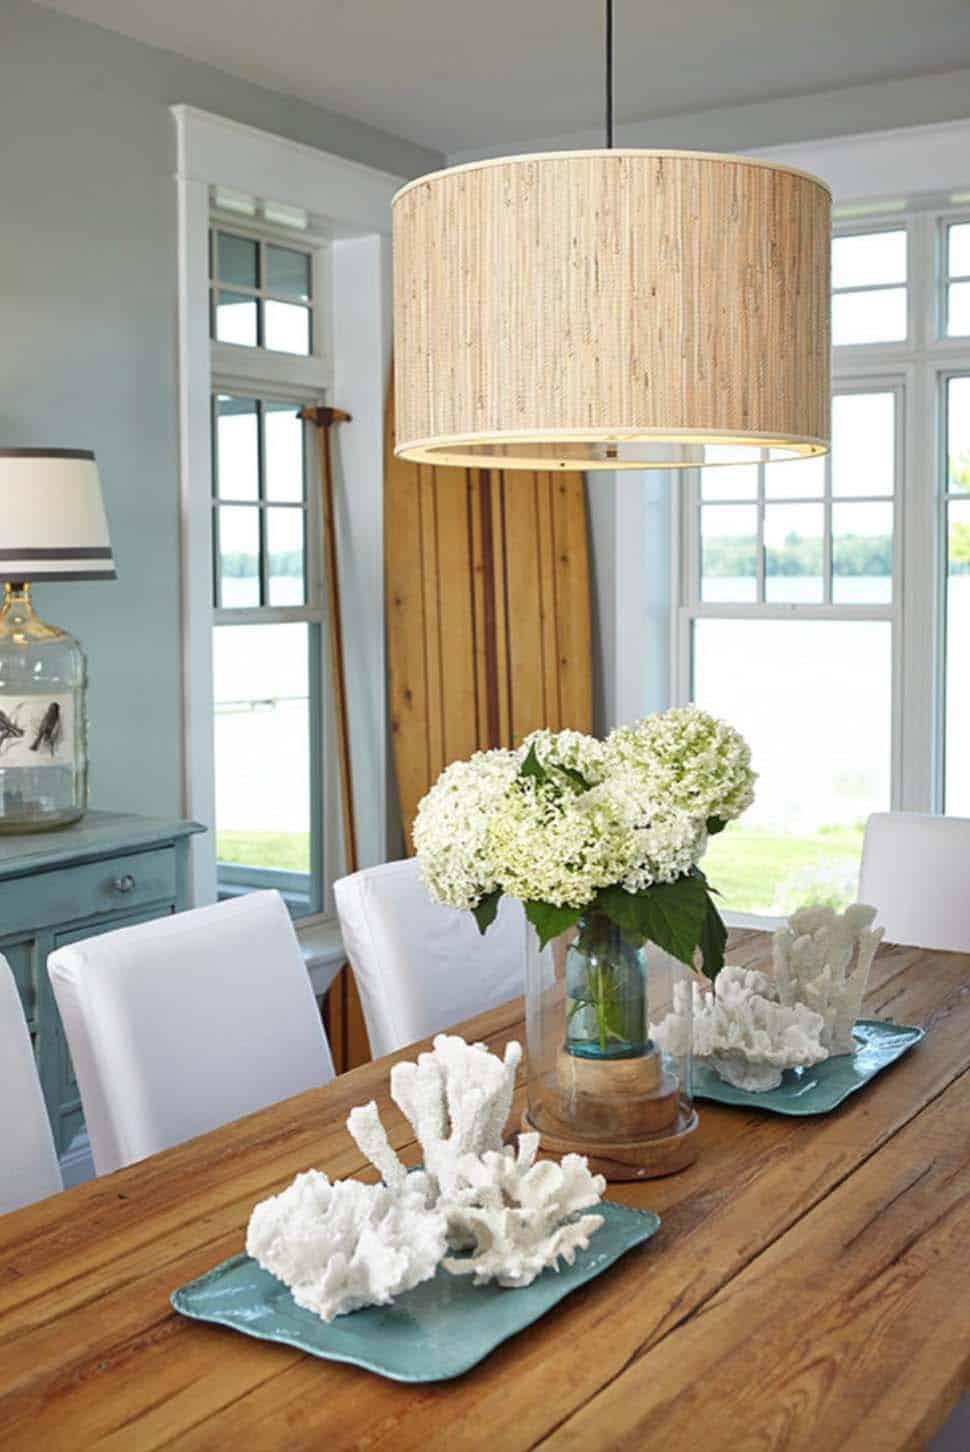 Cottage familial de style plage-Villa Decor-18-1 Kindesign